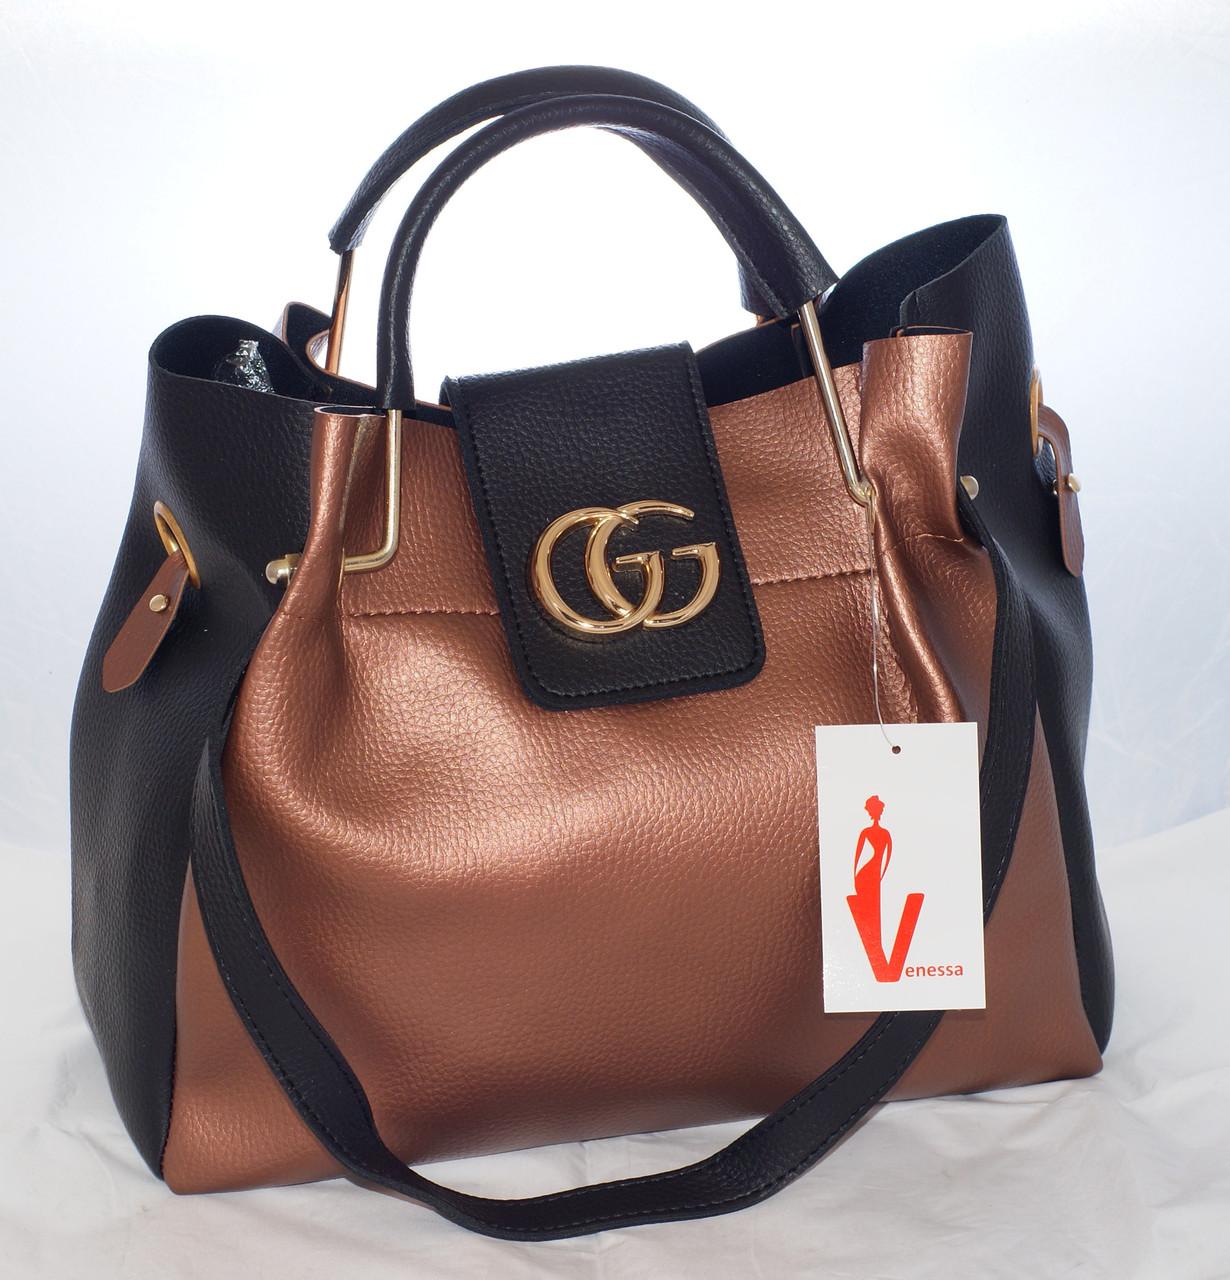 Женская сумка Gucci (Гуччи), коричневая с черным ис косметичкой